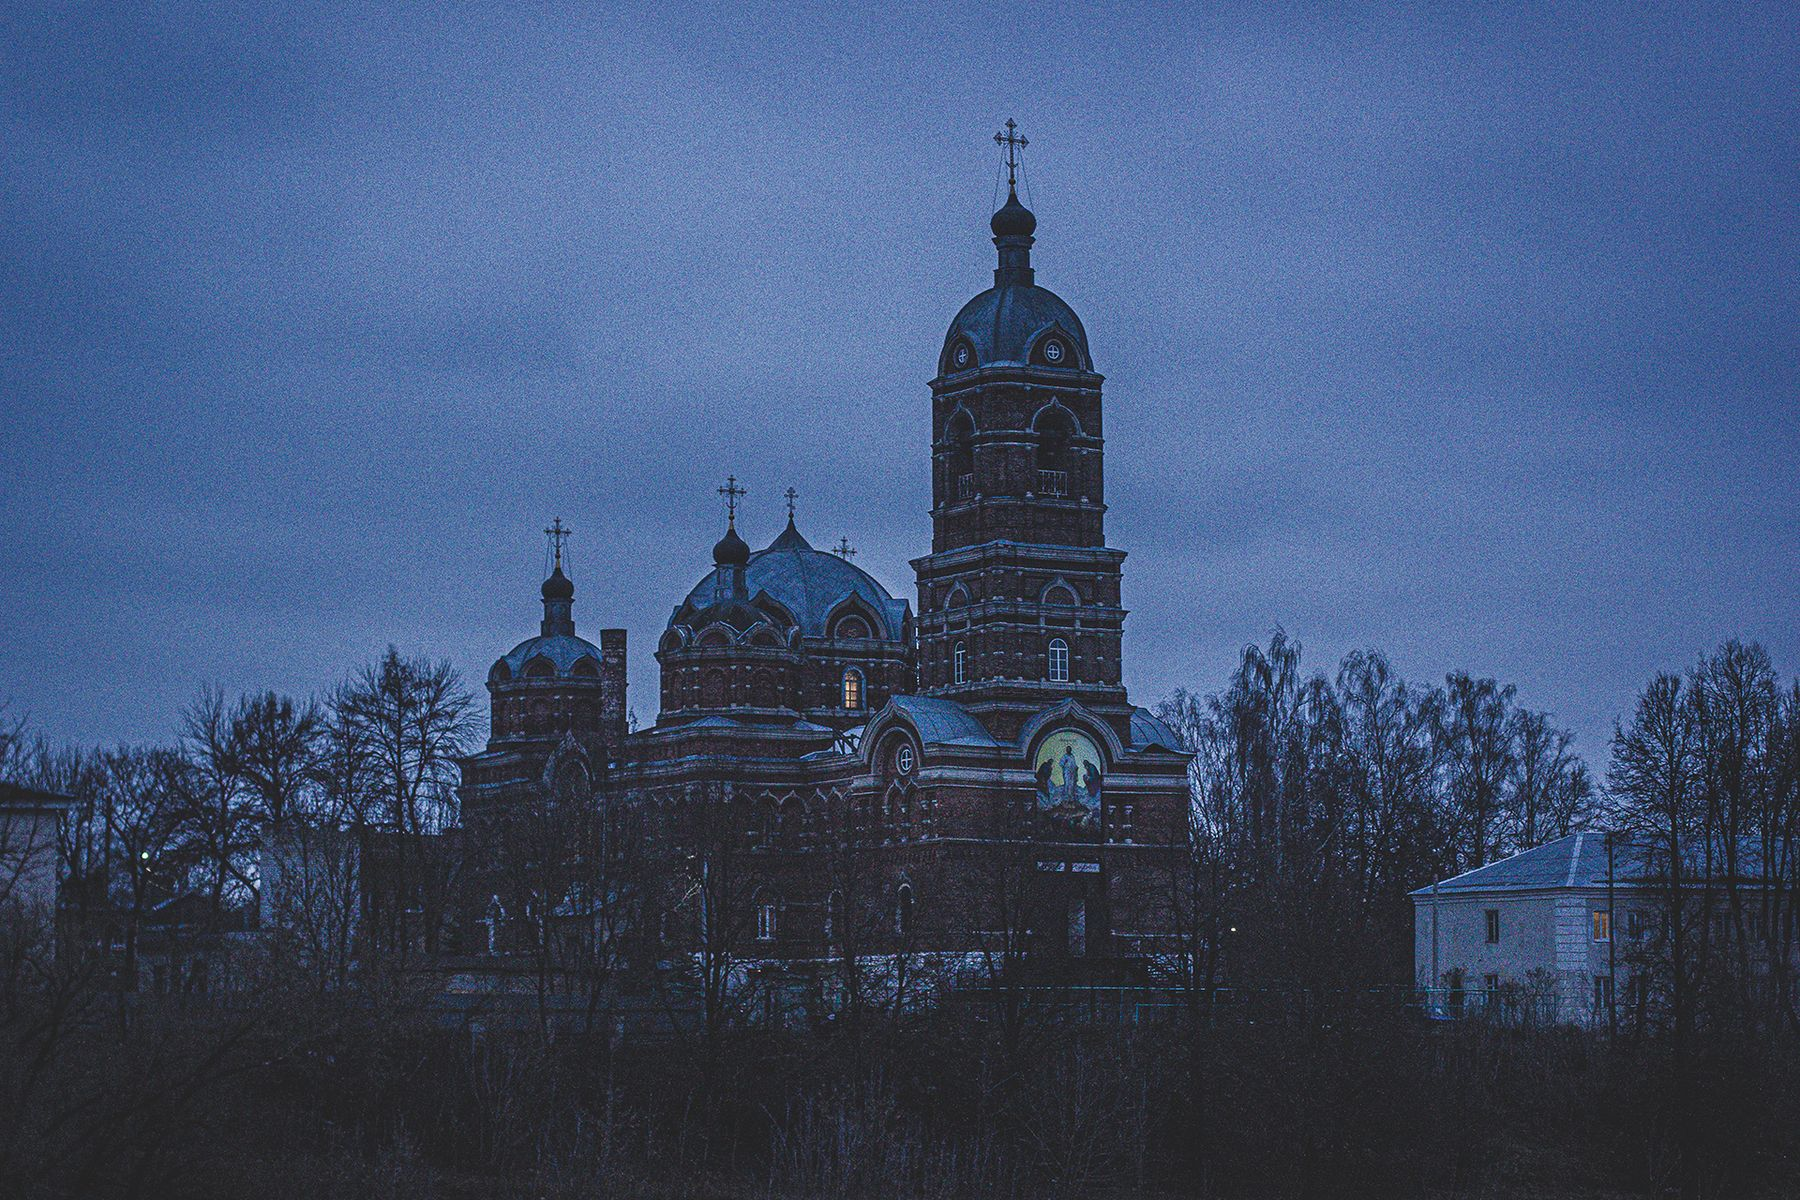 Церковь церковь покраска красивый кадр интересно